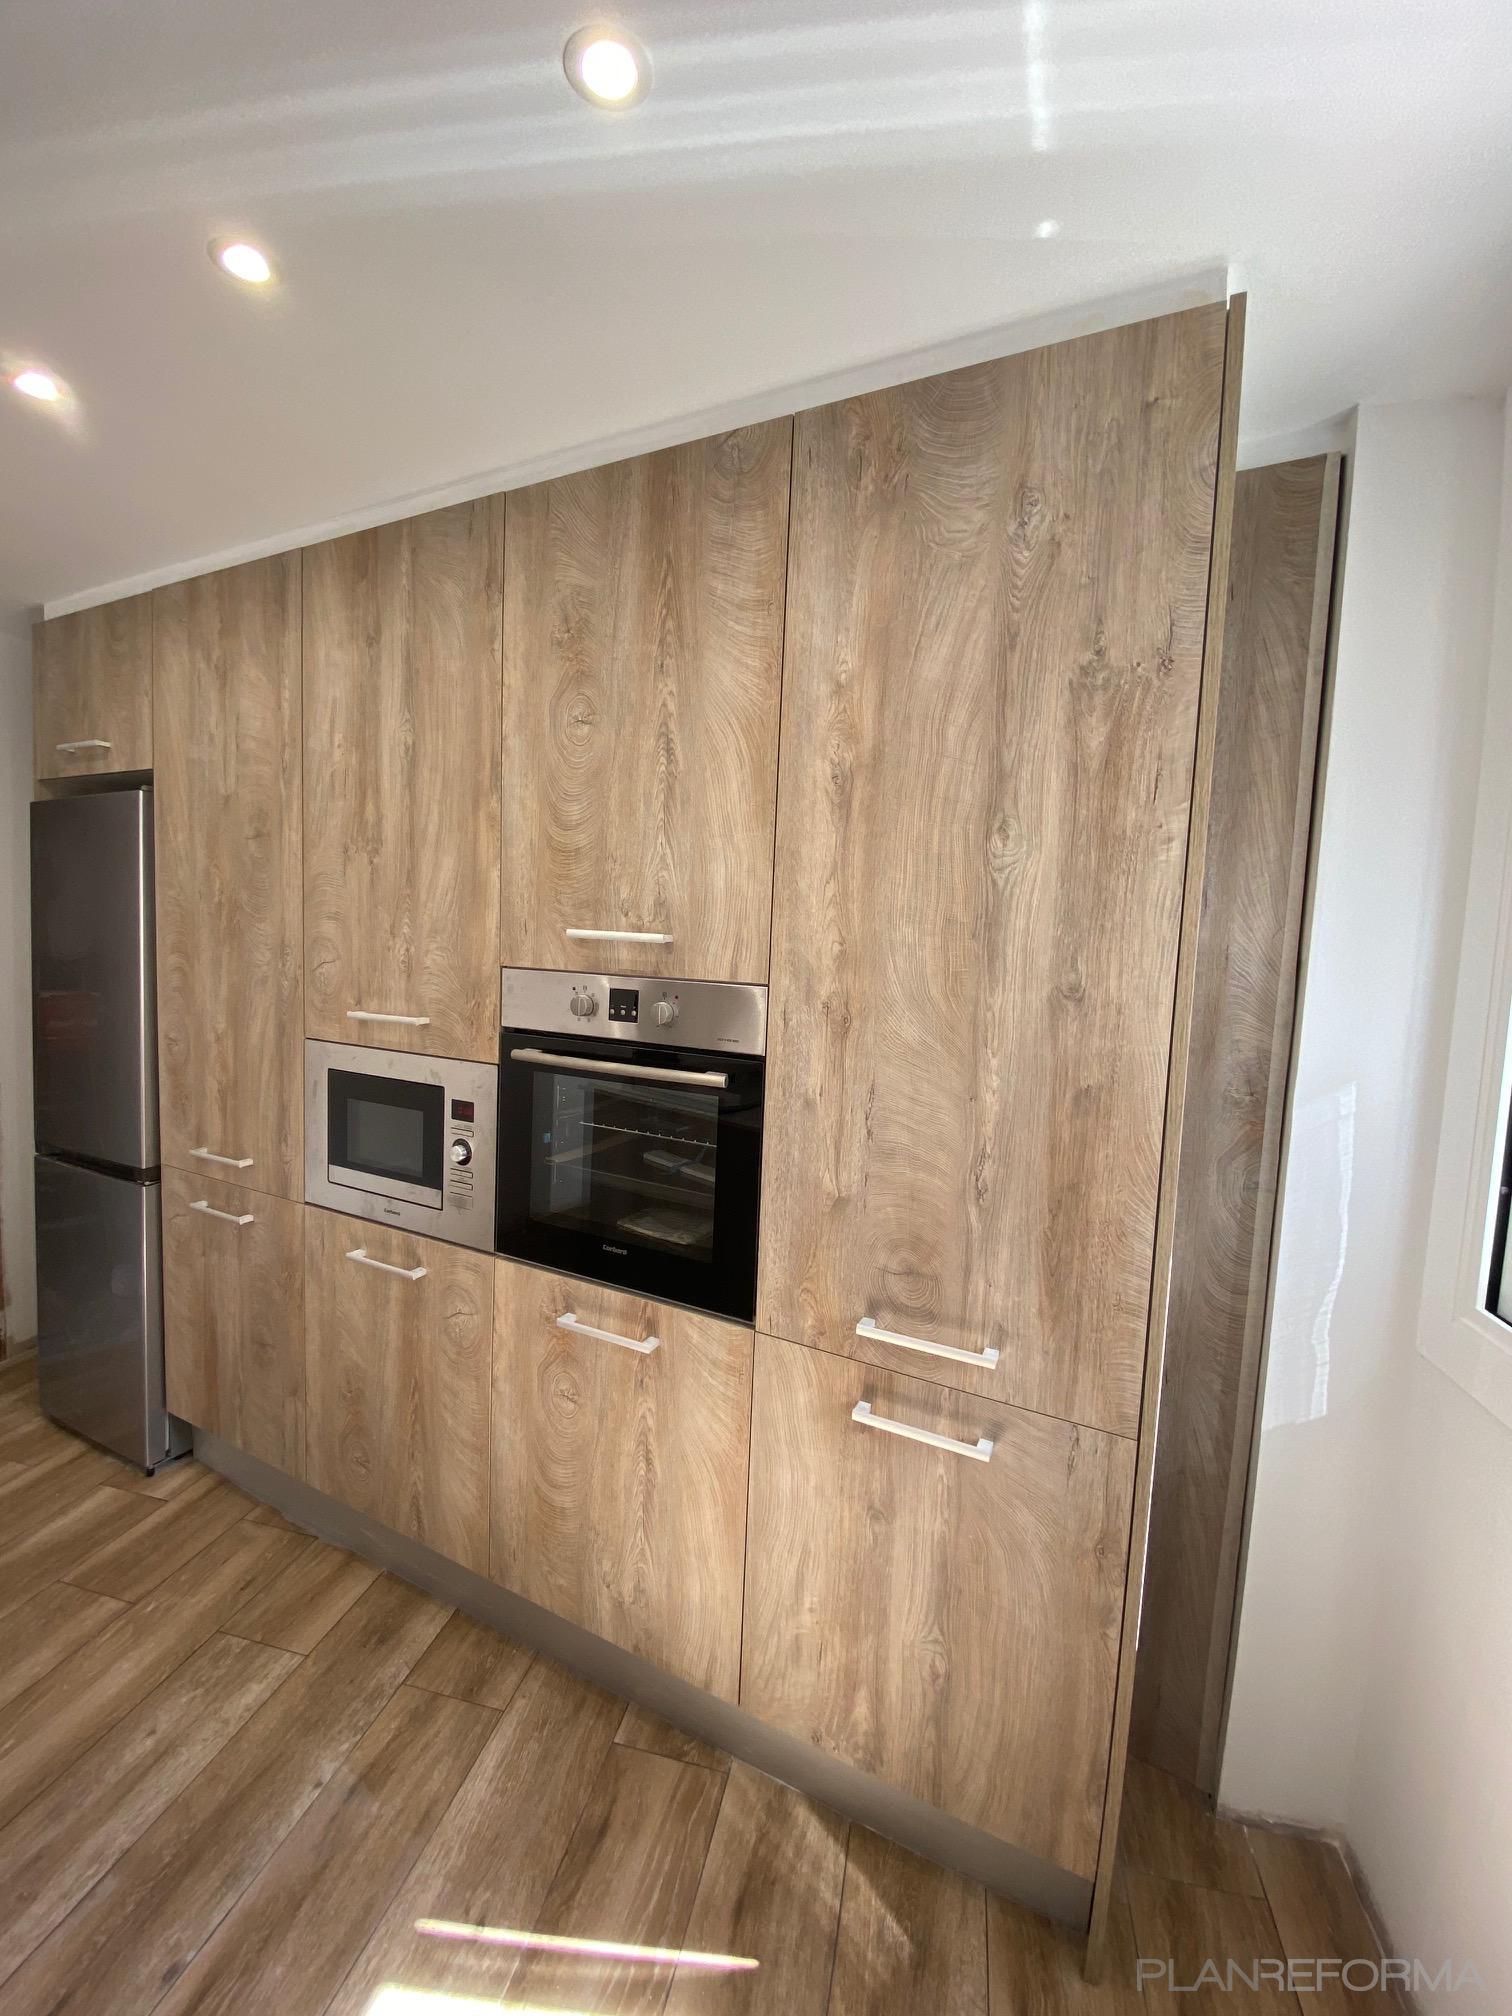 Cocina Estilo contemporaneo Color marron  diseñado por C2EO 2012,S.L.   Gremio   Copyright C2EO 2012 SL